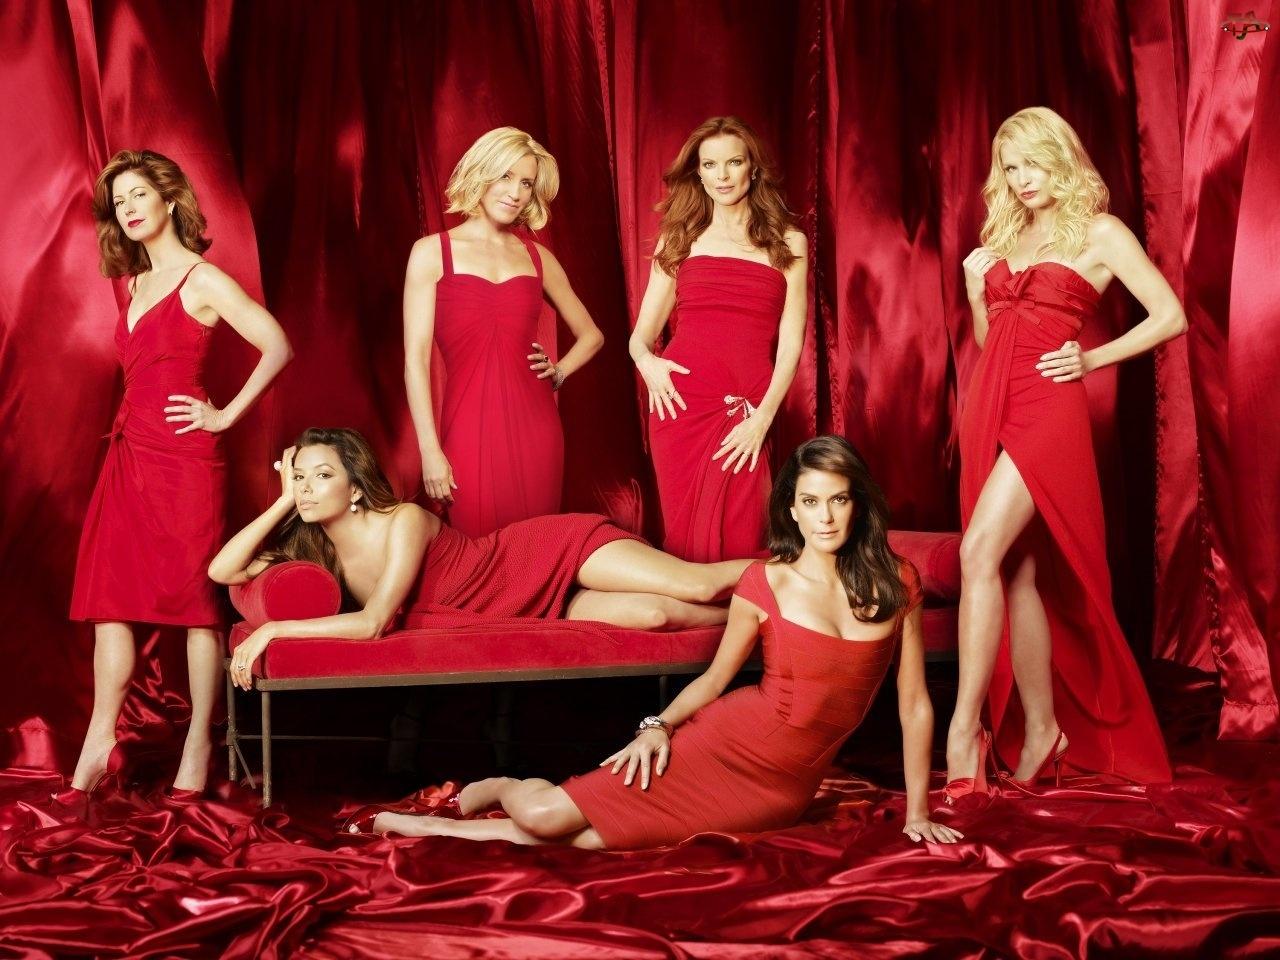 Czerwone, Dana Delany, Nicollette Sheridan, Felicity Huffman, Desperate Housewives, Marcia Cross, Suknie, Gotowe na wszystko, Eva Longoria, Kobiety, Teri Hatcher